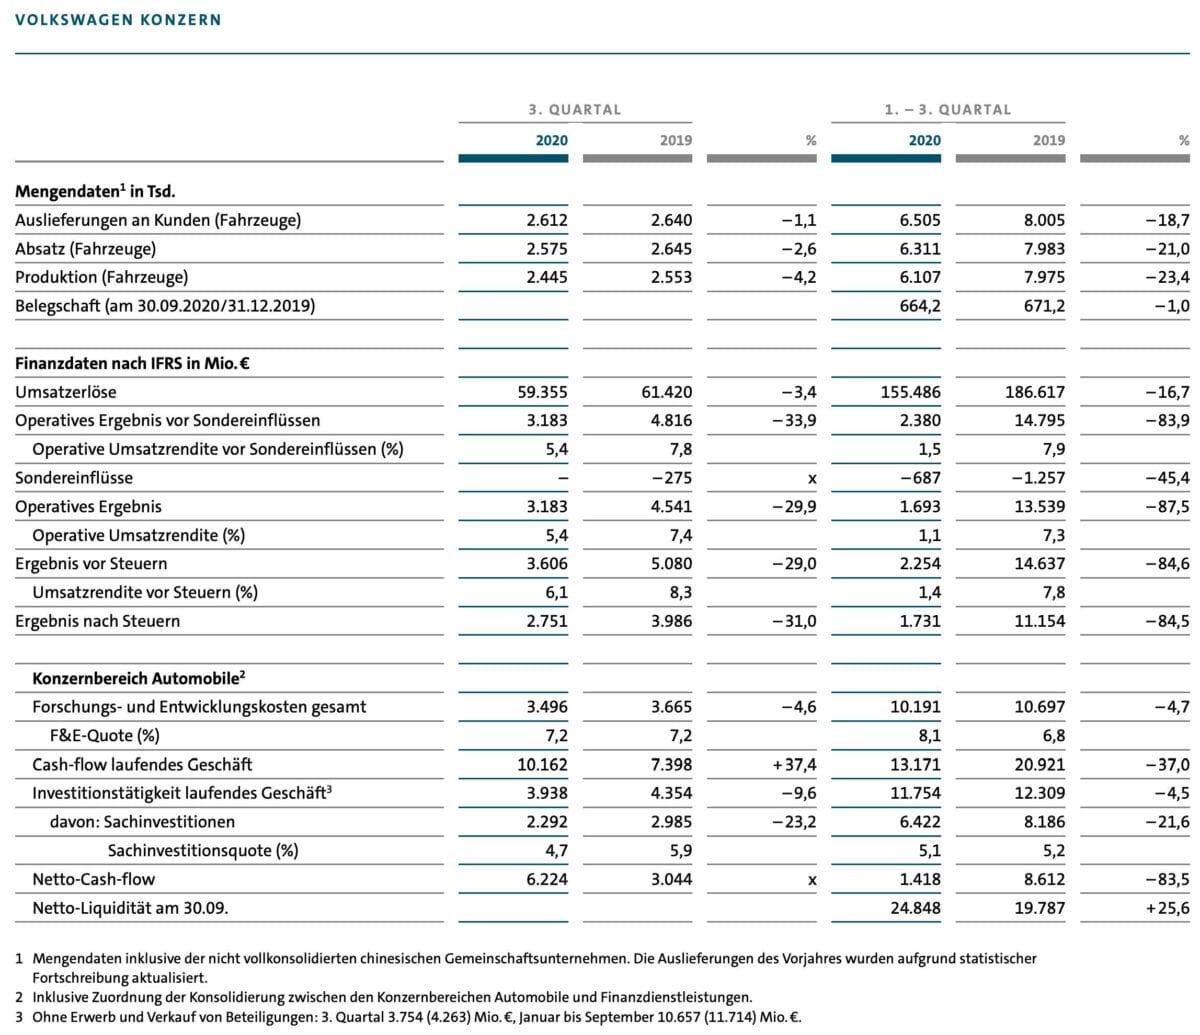 Grafik zeigt Details zu den Quartalszahlen von Volkswagen